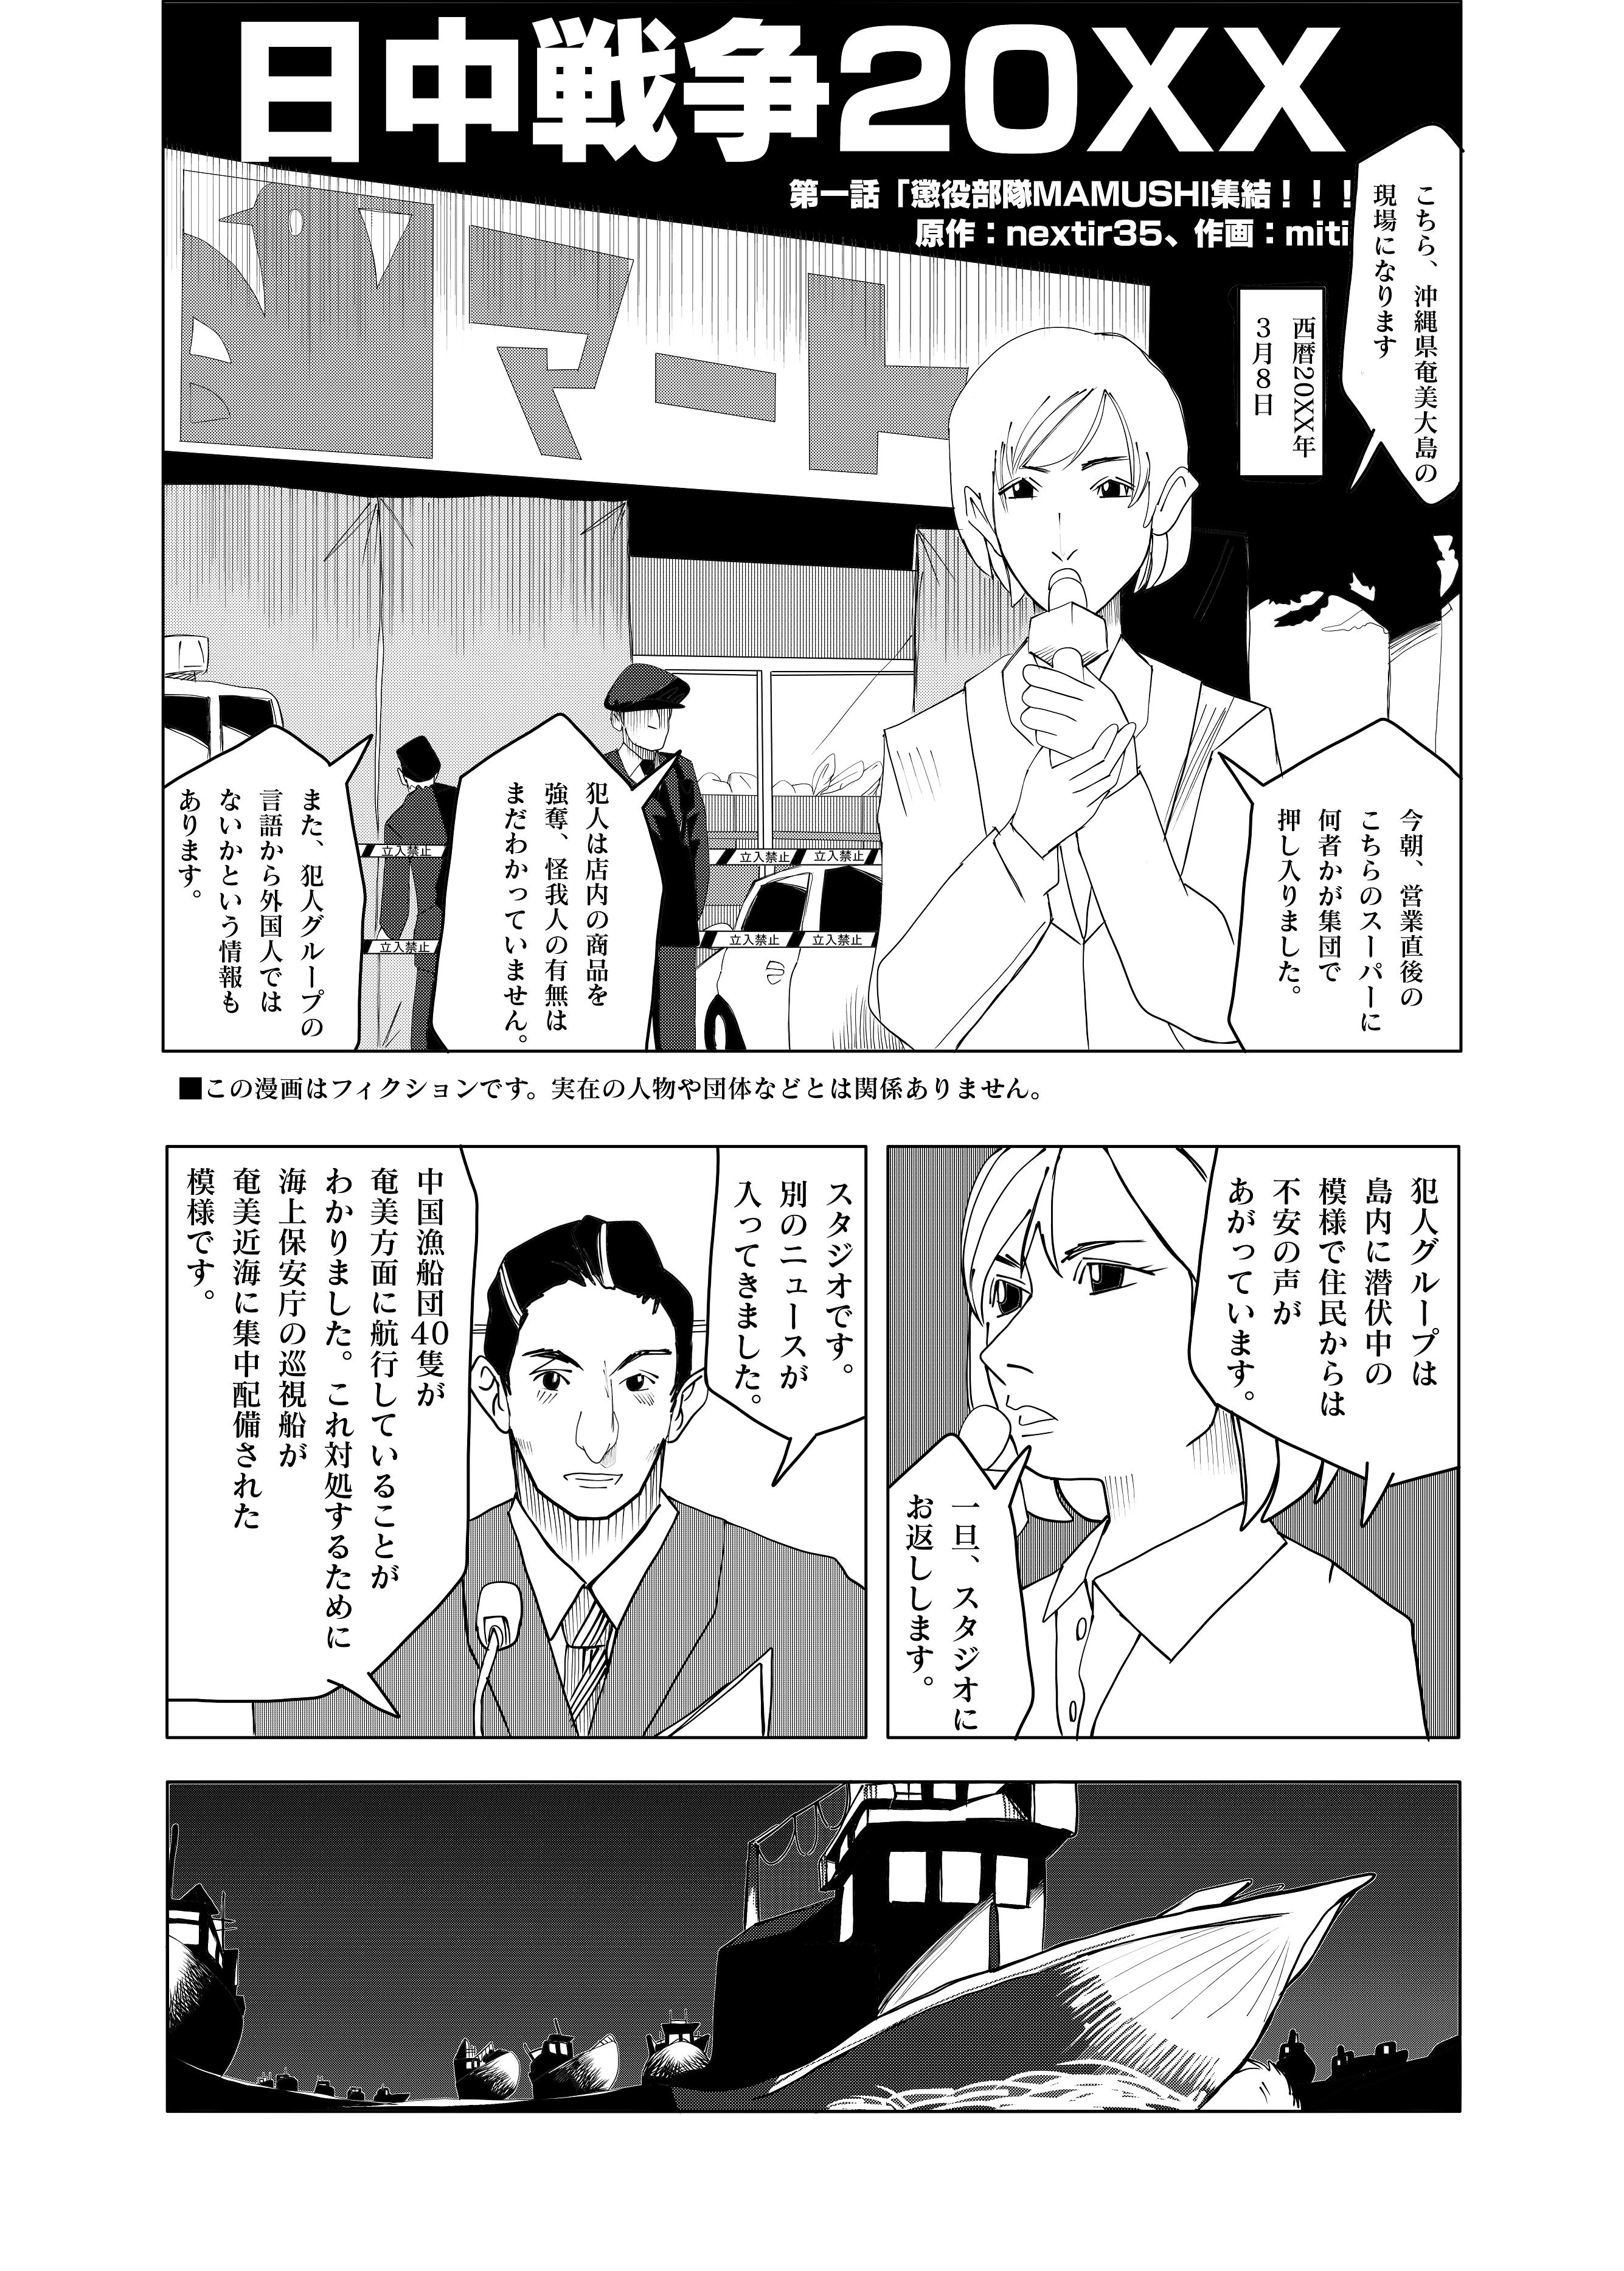 日中戦争20XX-1